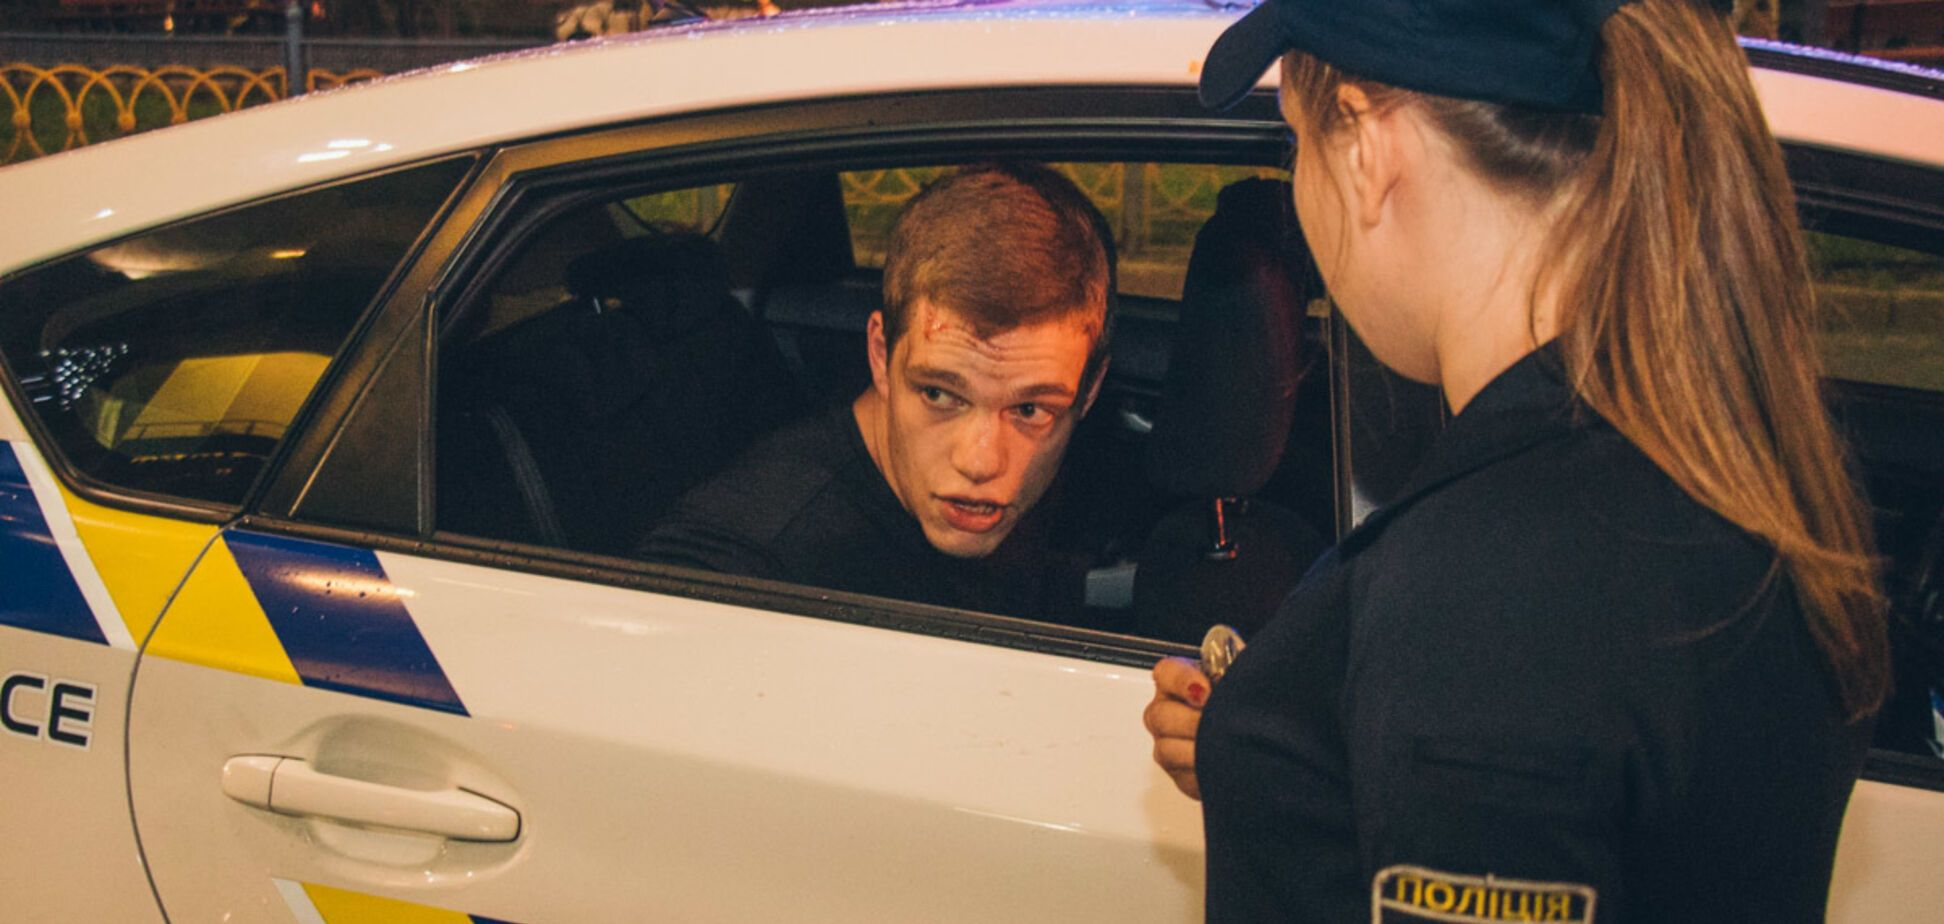 'Выбежали под колеса': отец водителя Hummer рассказал свою версию смертельного ДТП